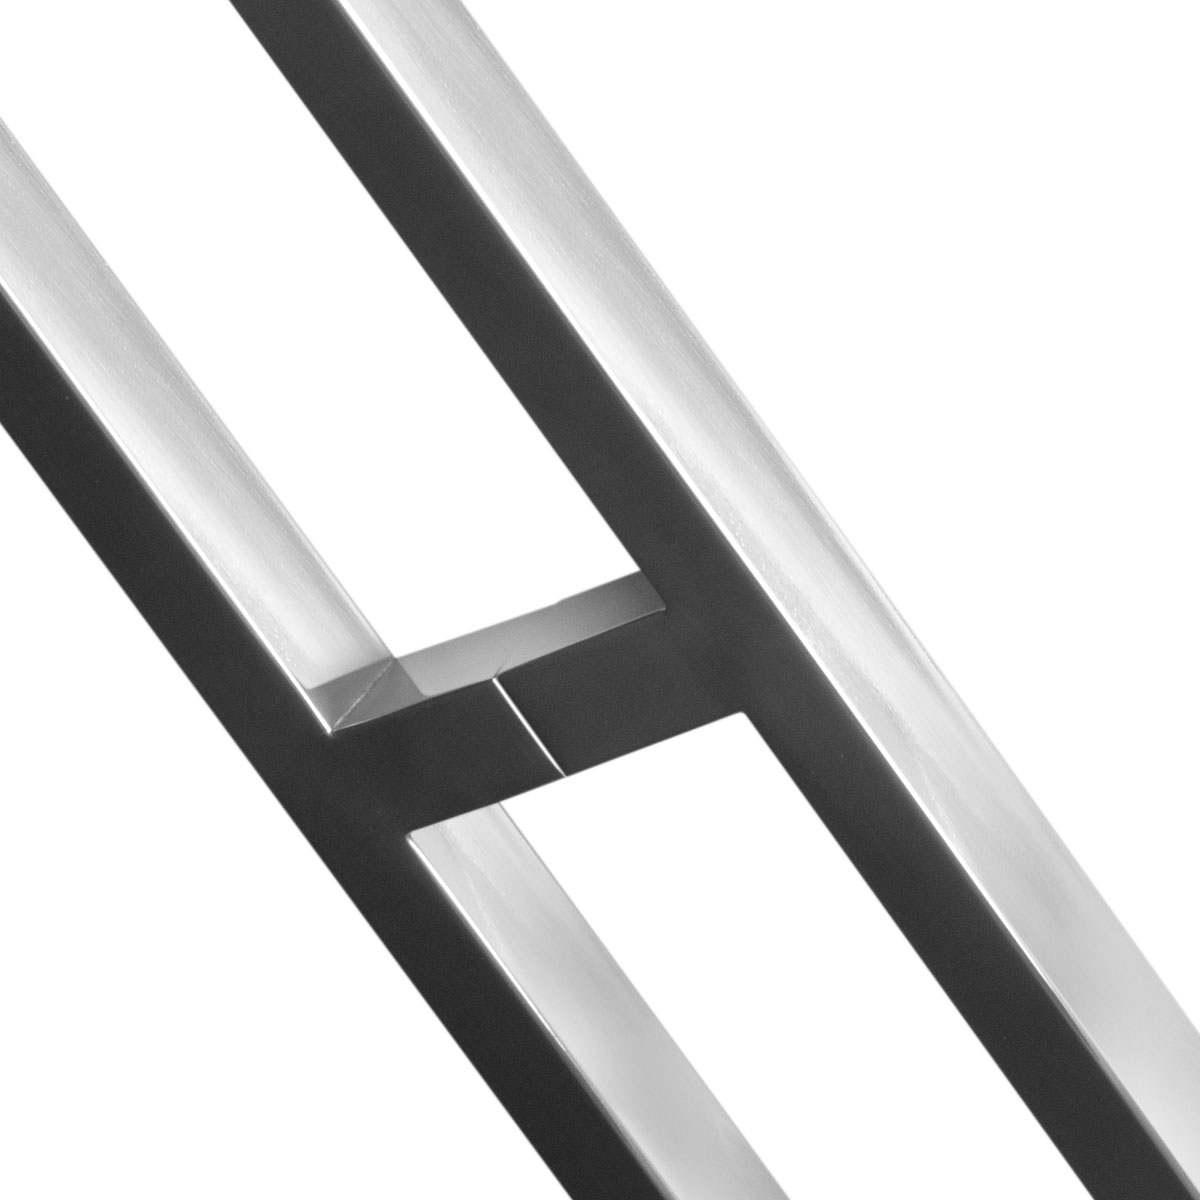 #666666 tamanhos 50 cm até 1 0 metro porta de 1 furo quadrado disponibilidade  1200x1200 px tamanho banheiro adaptado